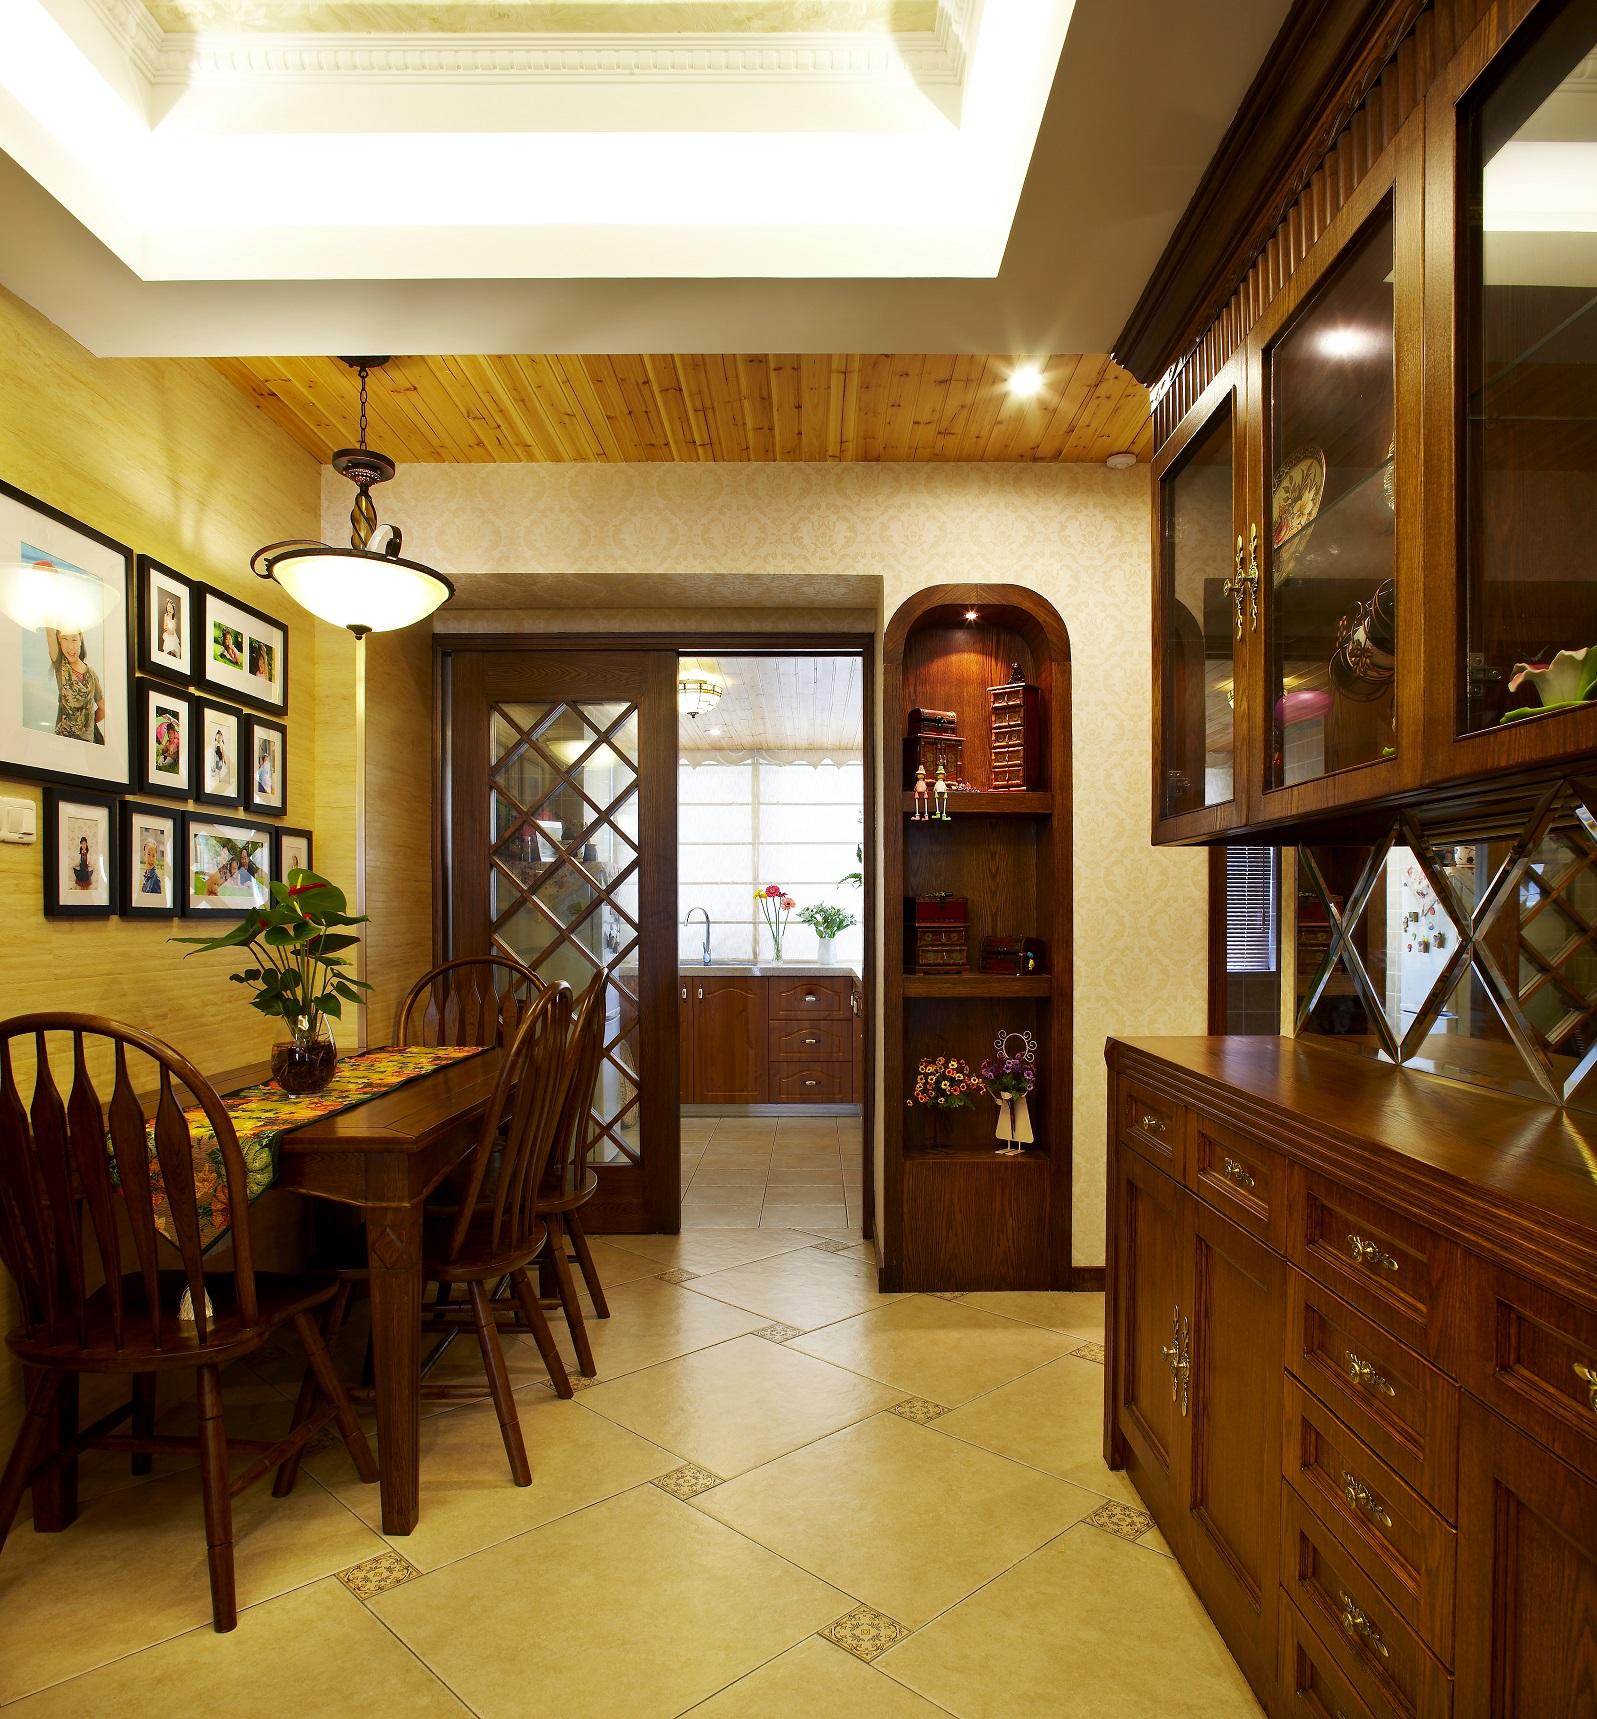 客厅图片来自小若爱雨在设计源于生活,生活才会多姿多彩的分享